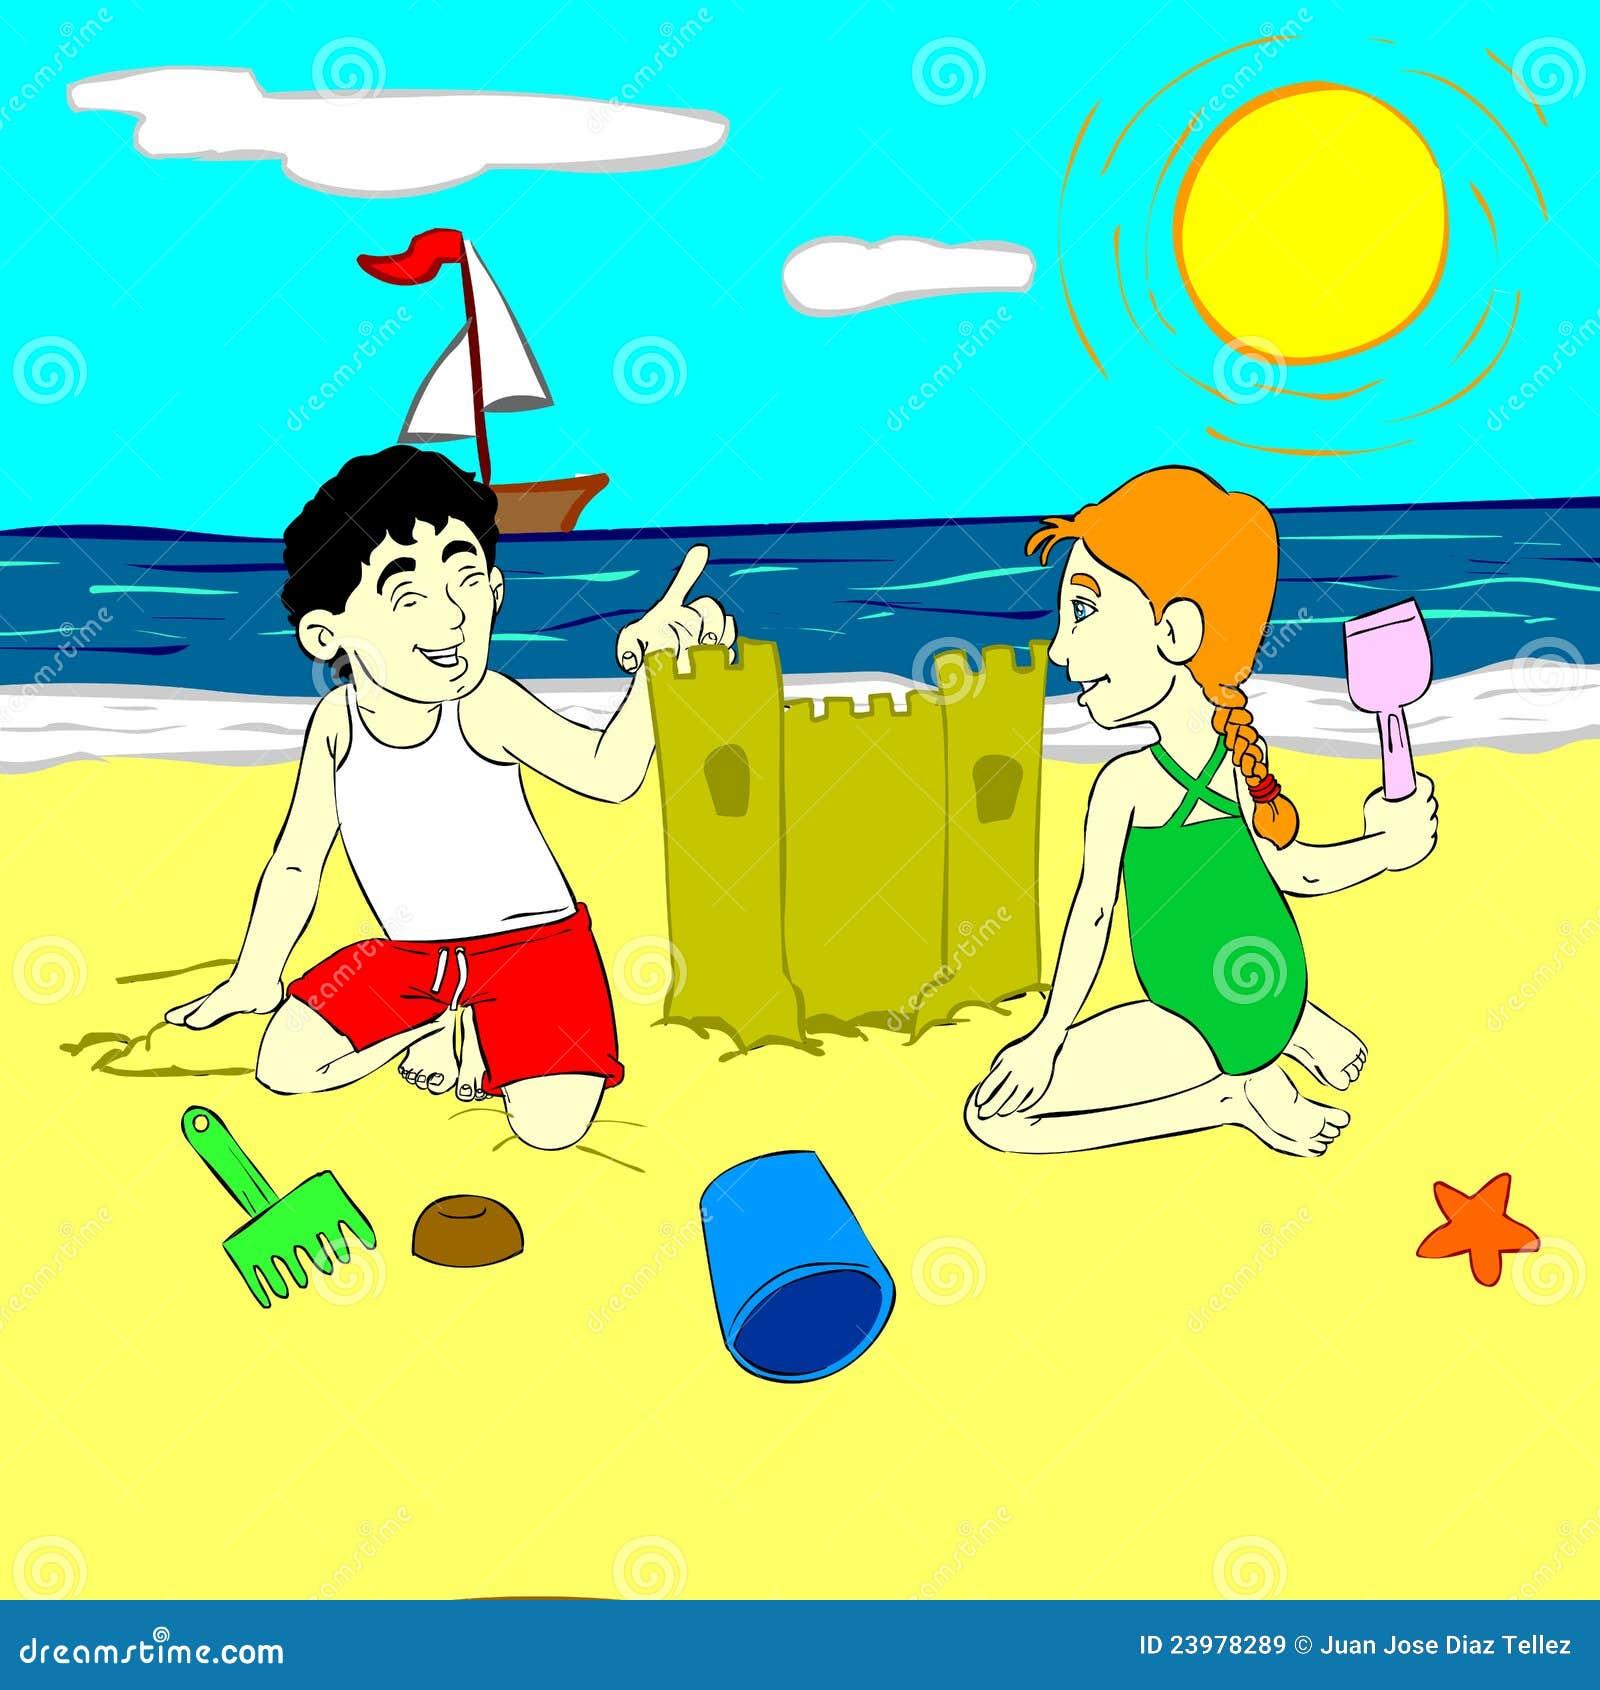 Immagini stock libere da diritti: bambini che giocano nella sabbia